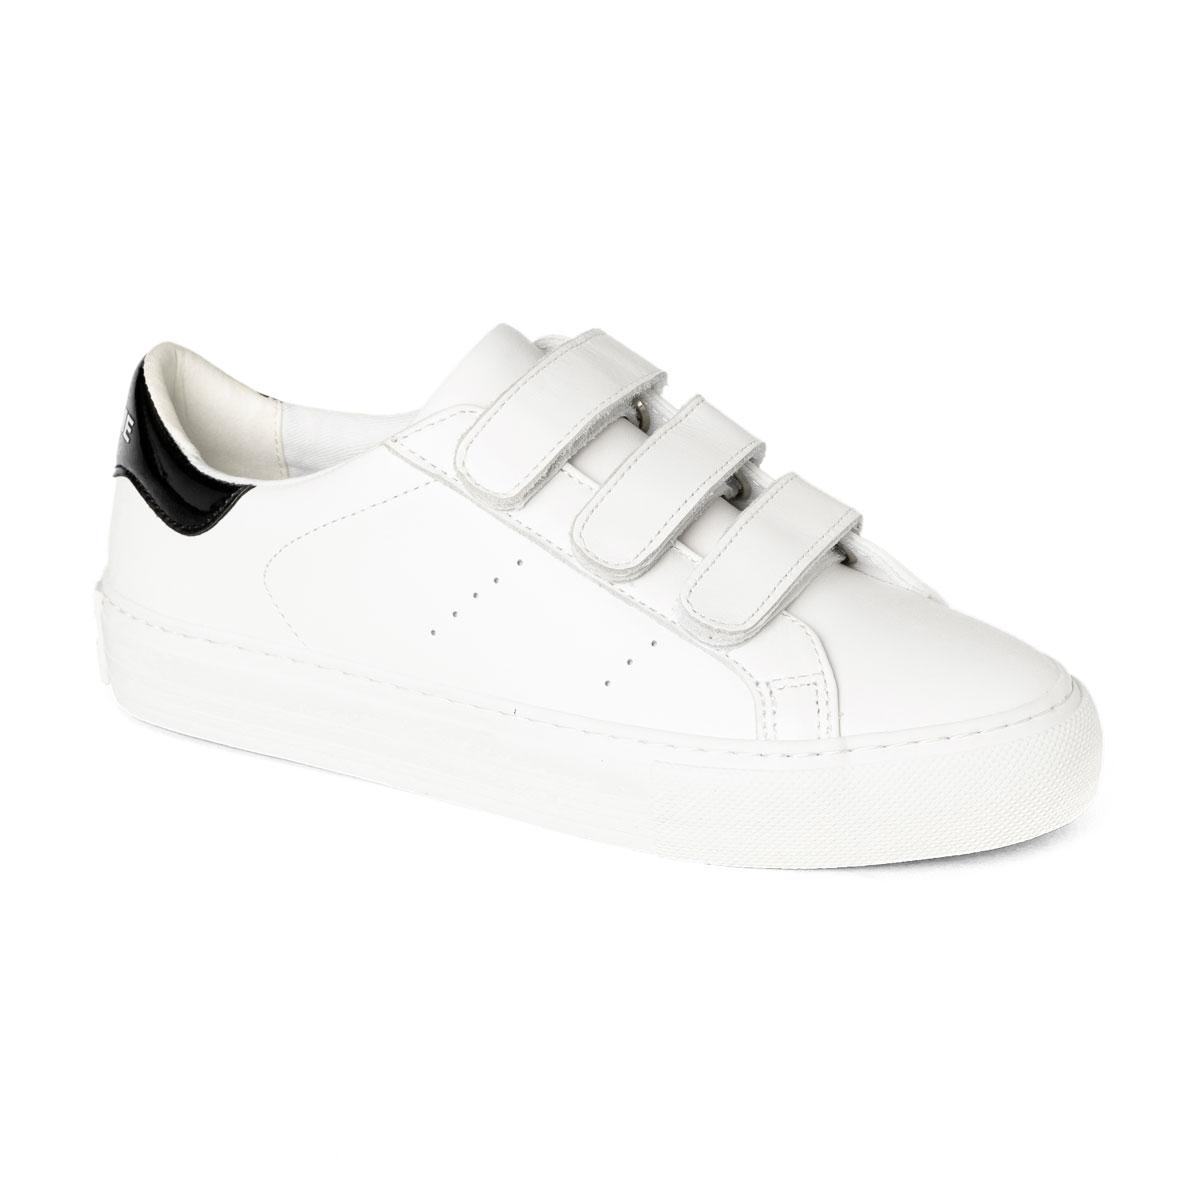 [新入荷]ARCADE-11250-WHITE アルカデ ホワイト